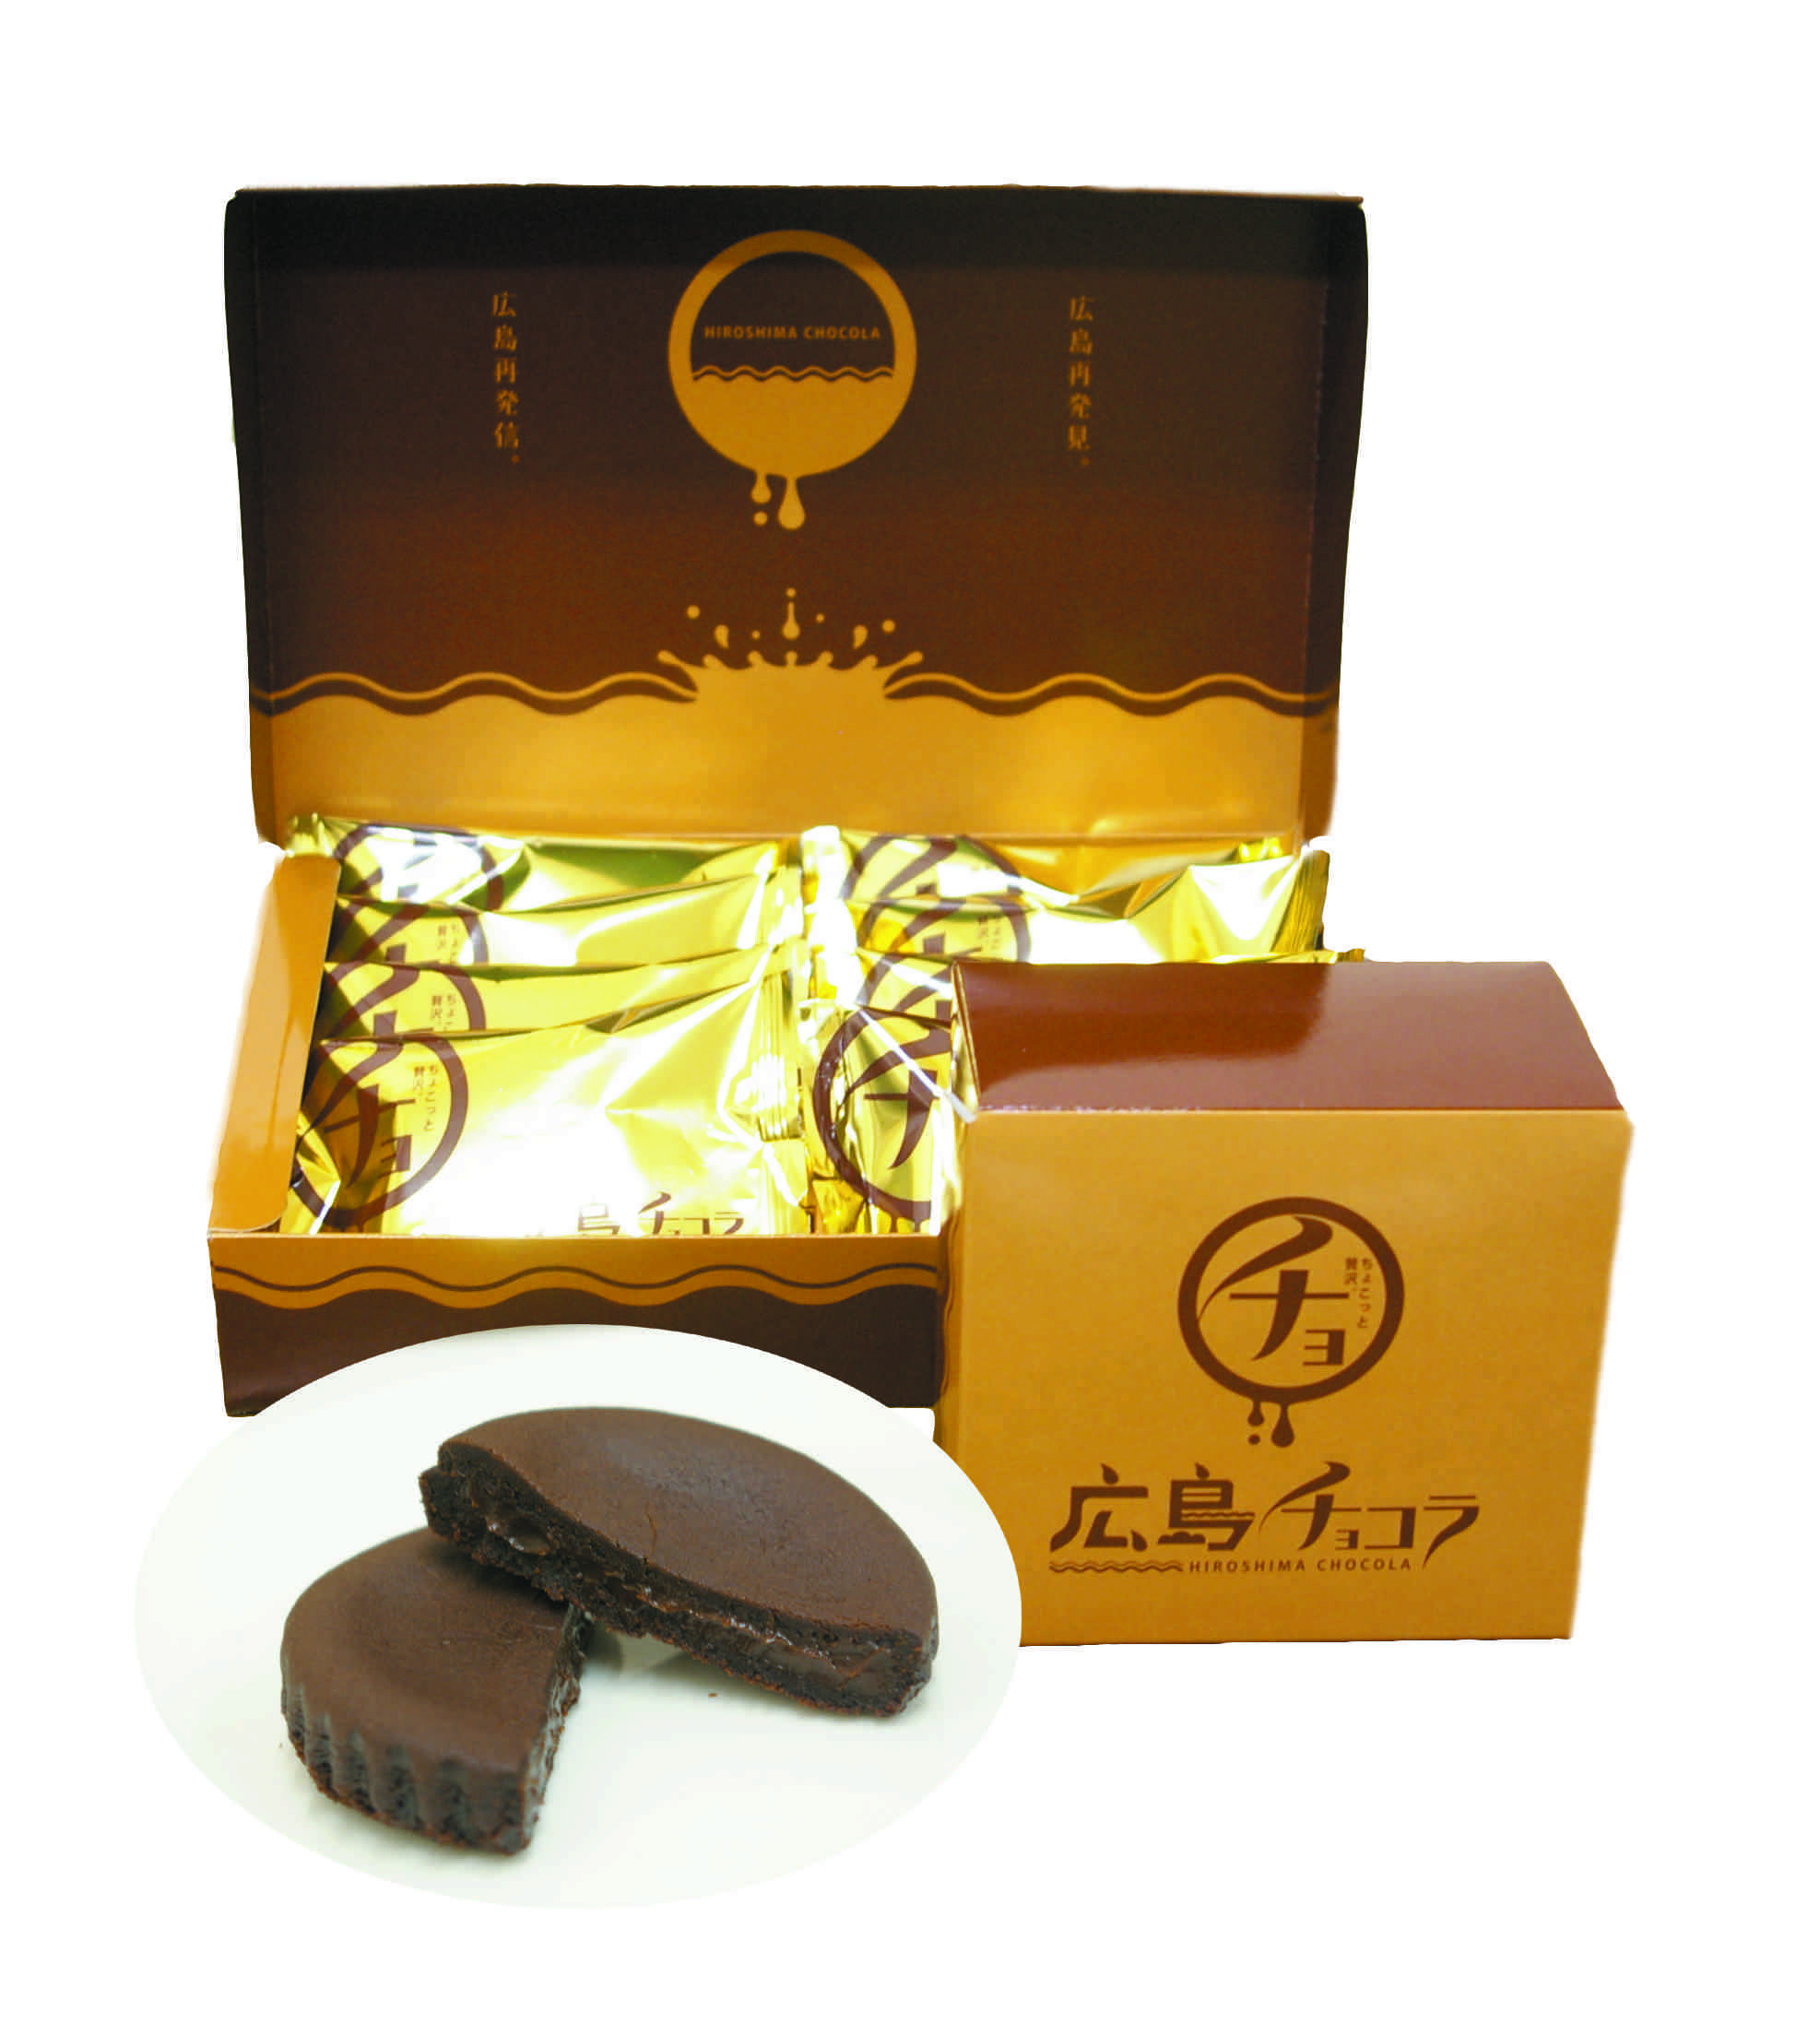 <広島チョコラ>広島素材にこだわり、「サゴタニ牛乳」を使用した濃厚なチョコレートを、ココア生地に包んで焼き上げました。他県販売、ネット販売はしておらず、広島でしか買えないちょこっと贅沢なお菓子。